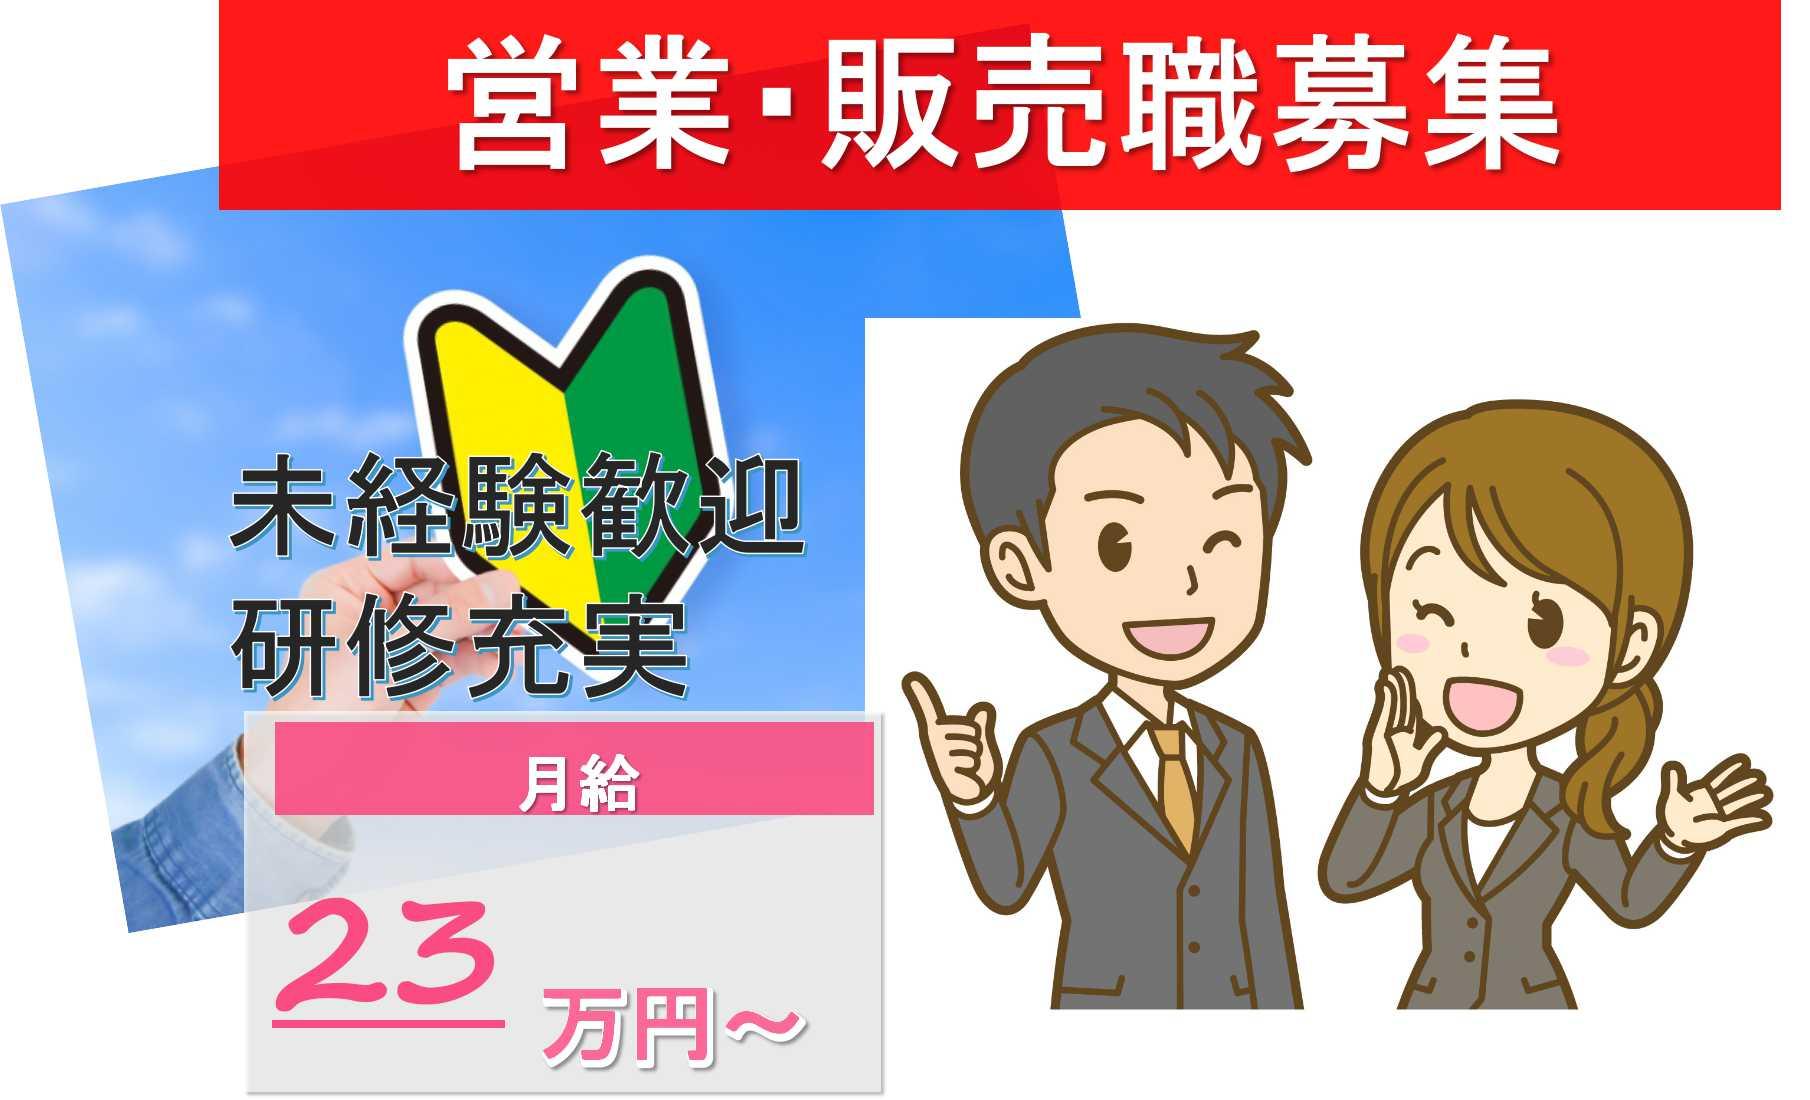 【愛知県大府市】インセンティブを可視化!キャリアアップできる環境があります!営業・販売職【即面談可能】 イメージ